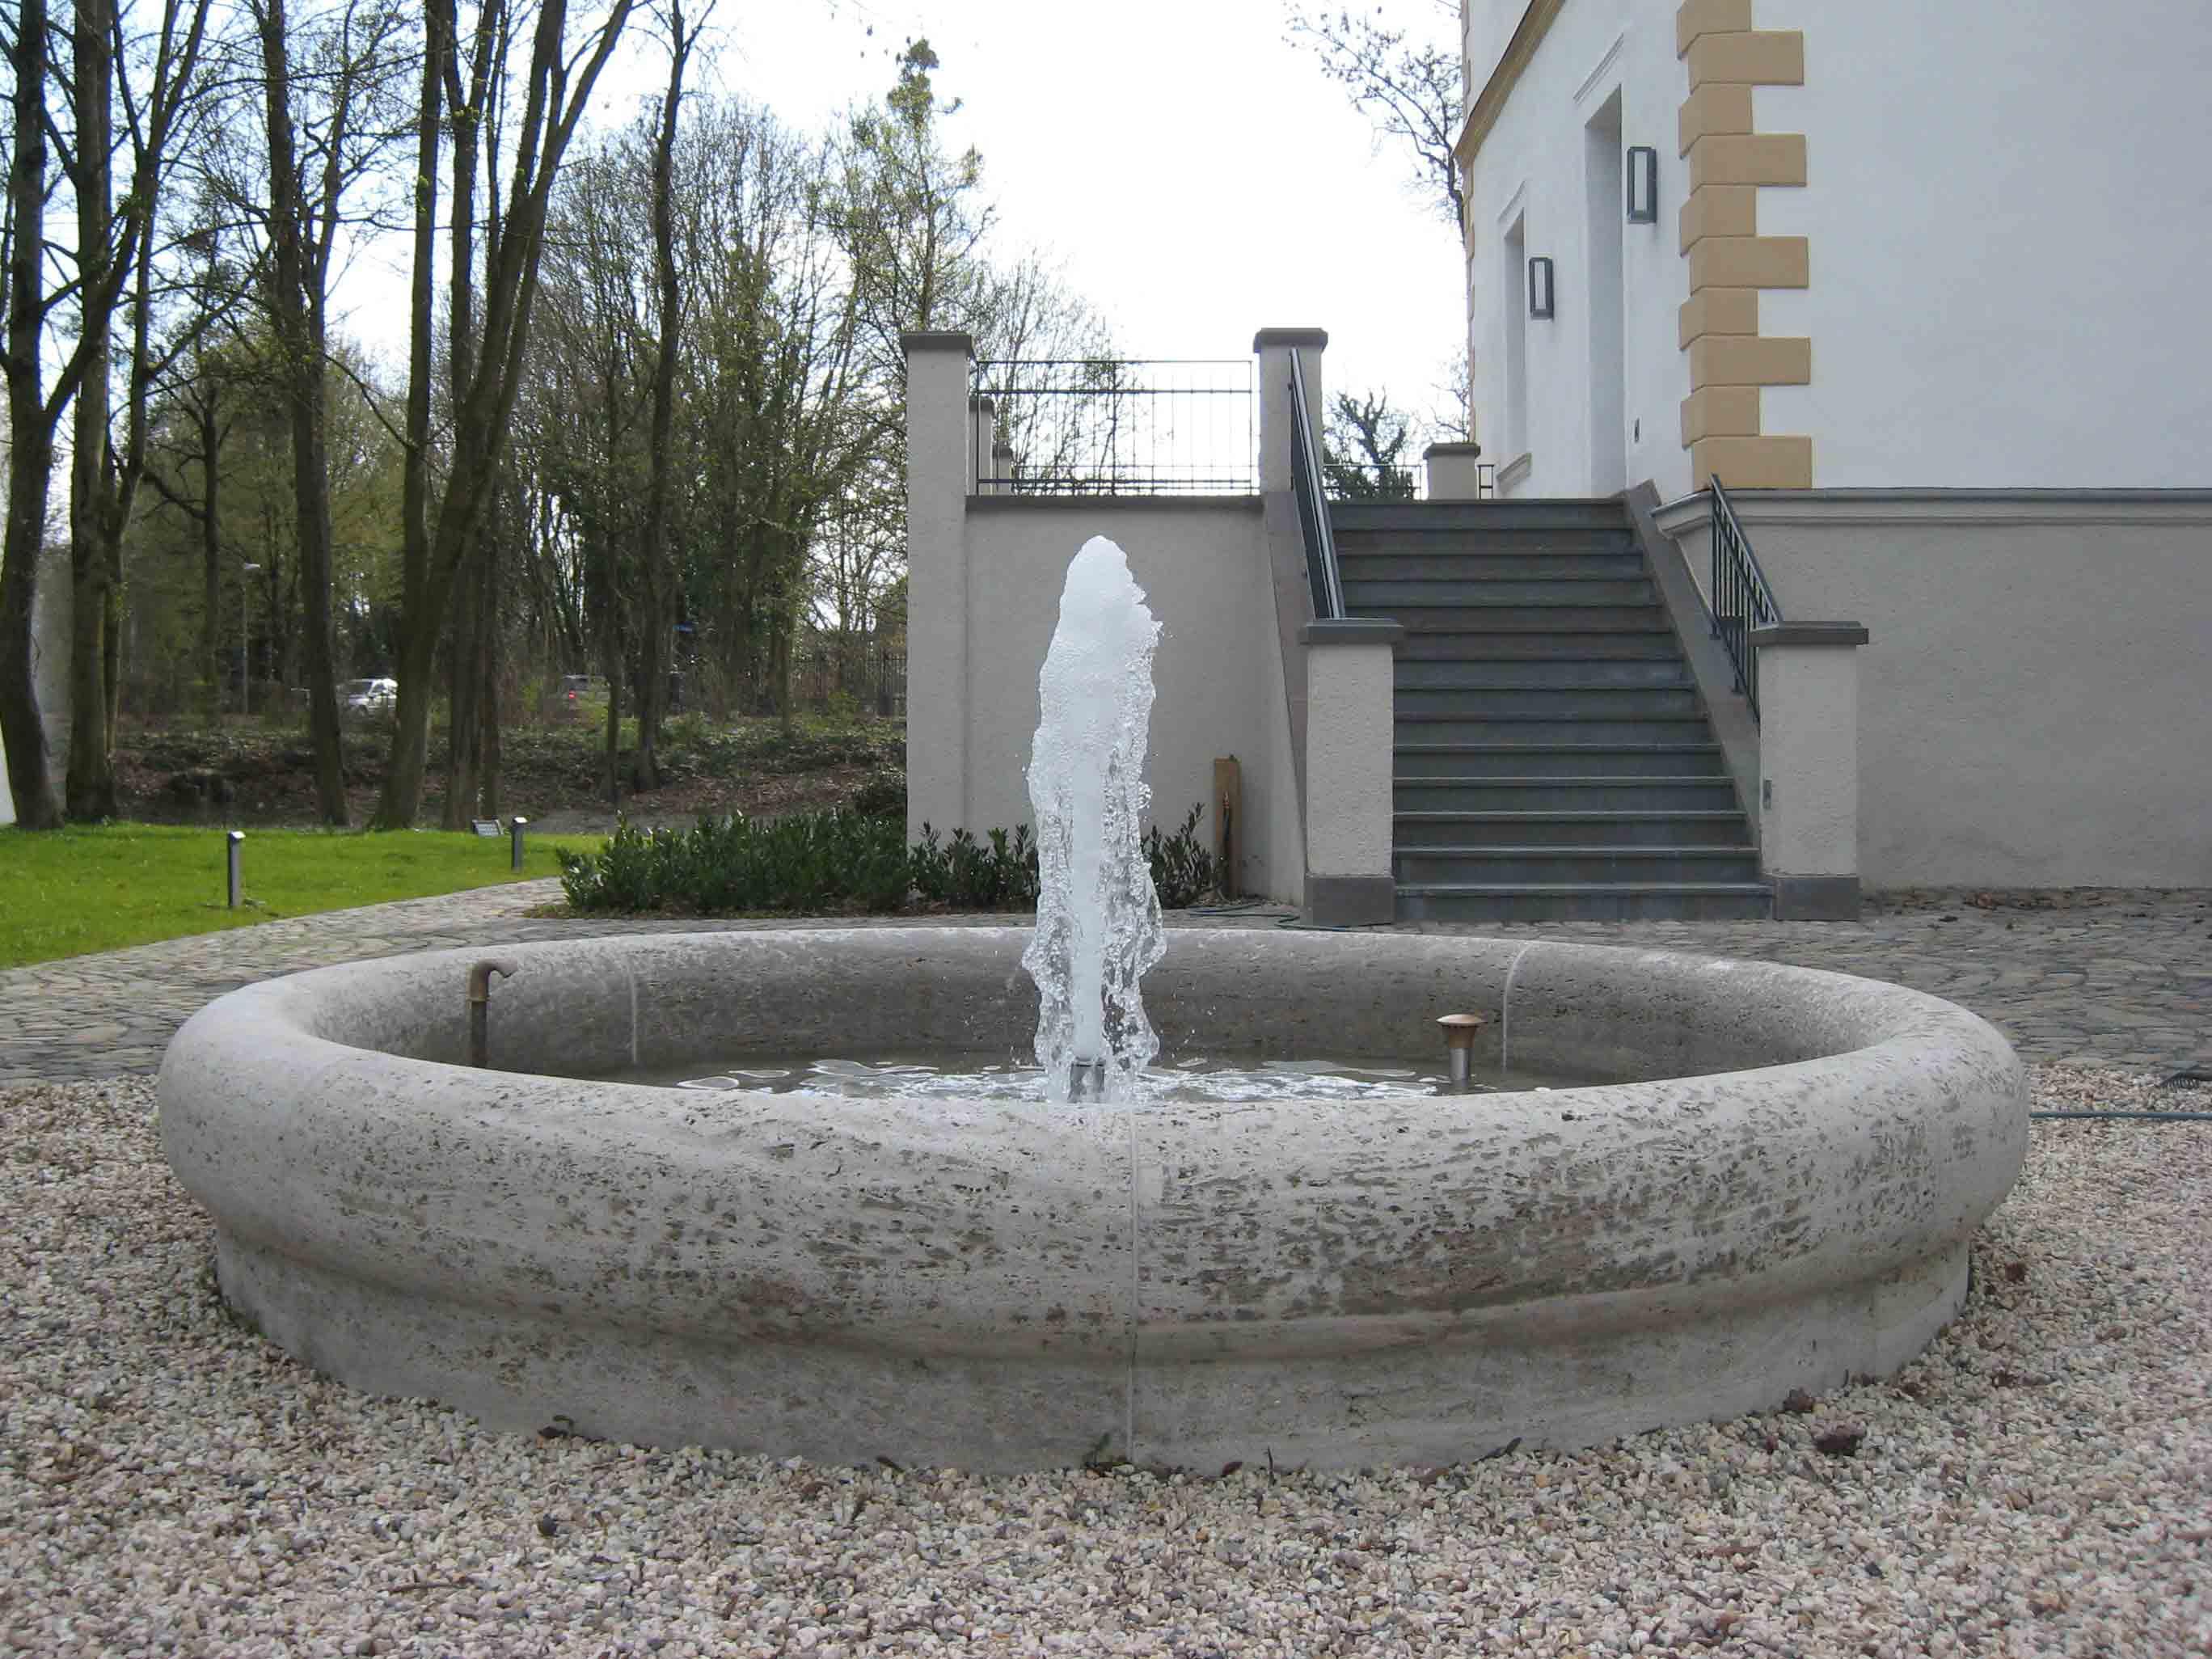 historischer_brunnen_rittersgut_stoermede01_4x3_web.jpg